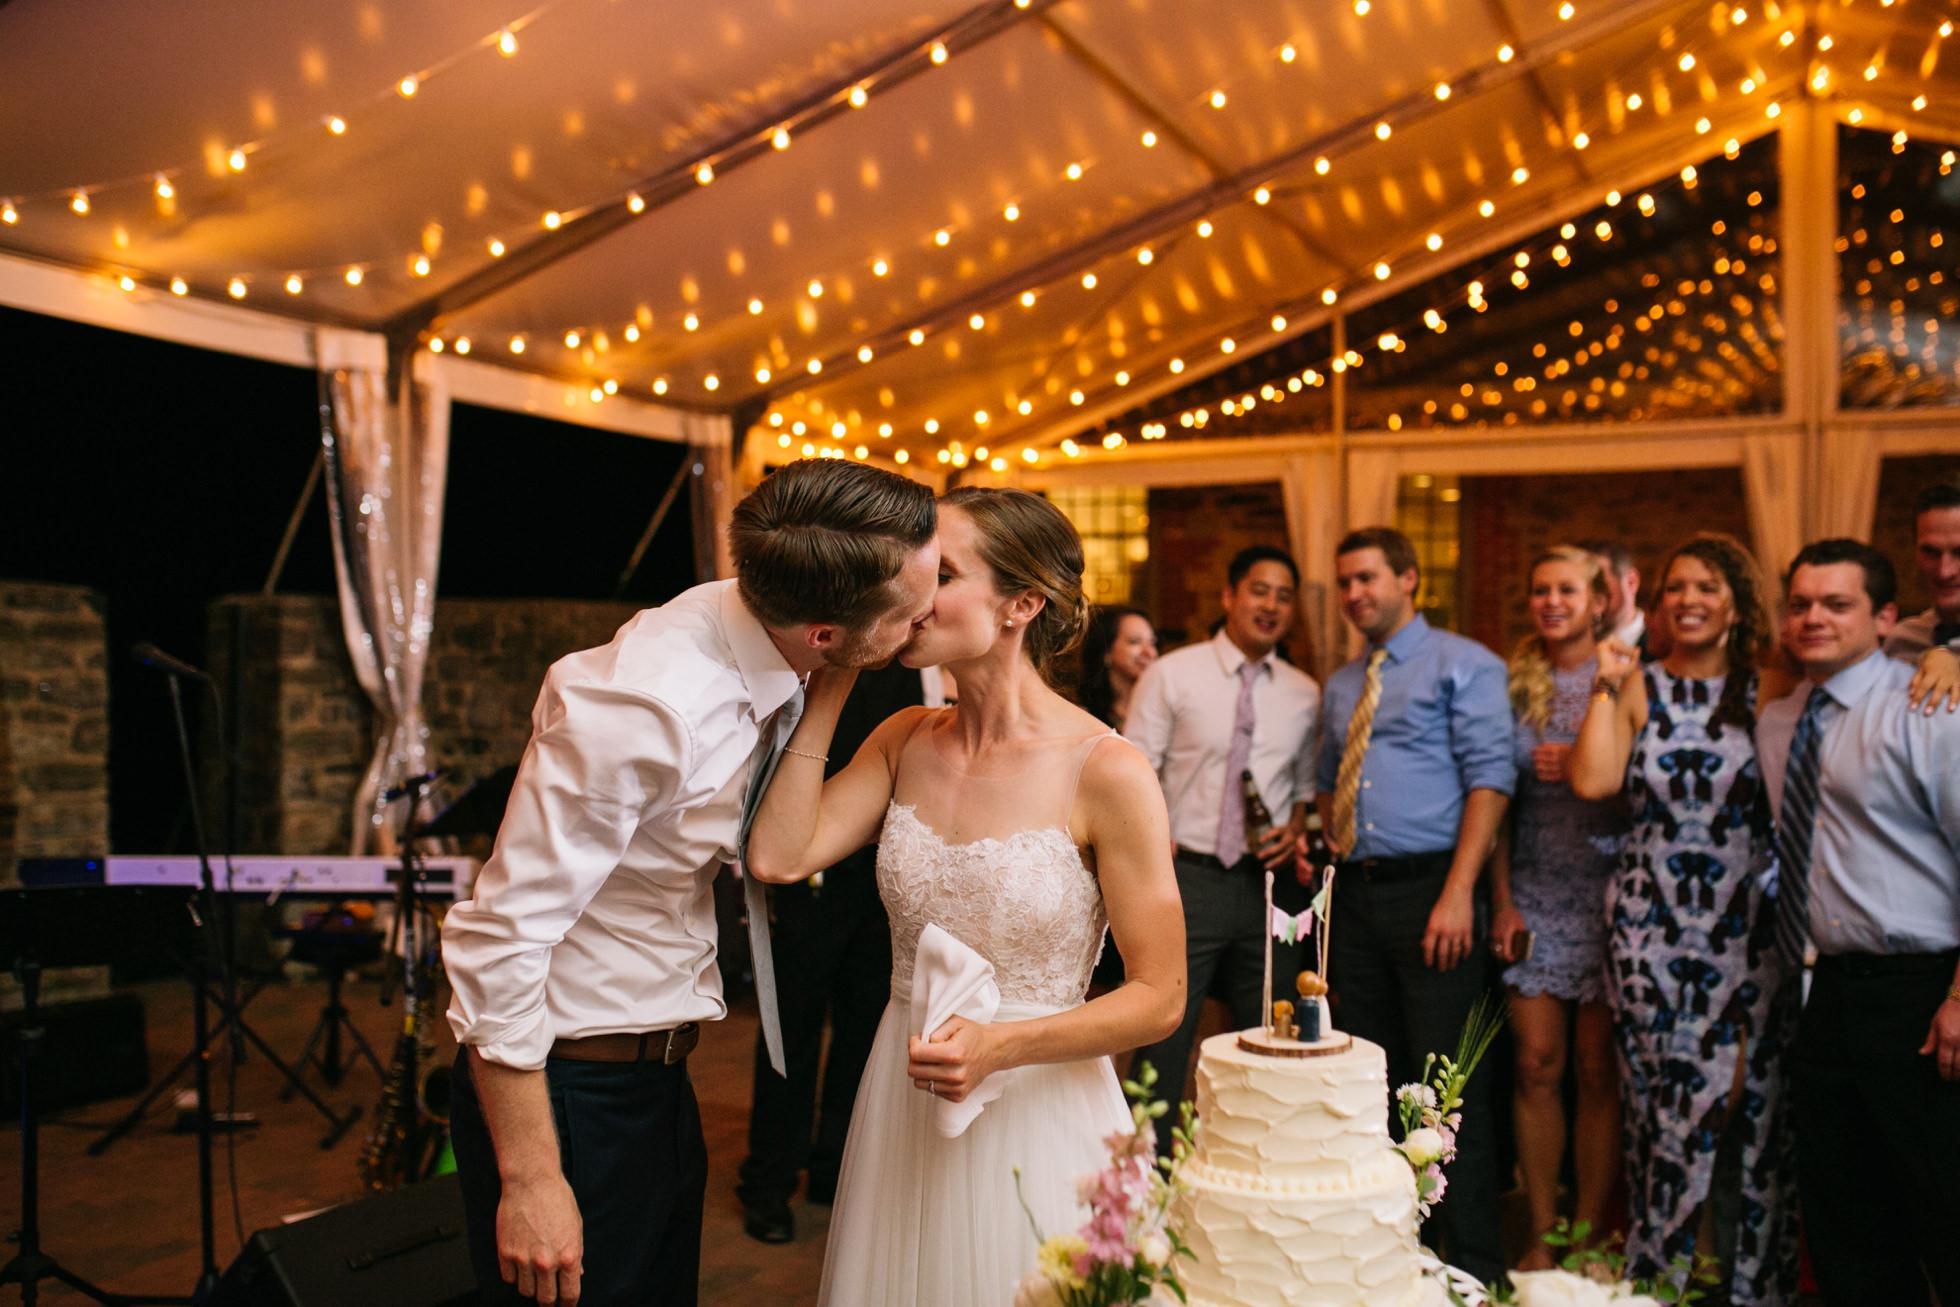 Romantic Bartram's Garden Outdoor Summer Wedding, Philadelphia | brittneyraine.com 107